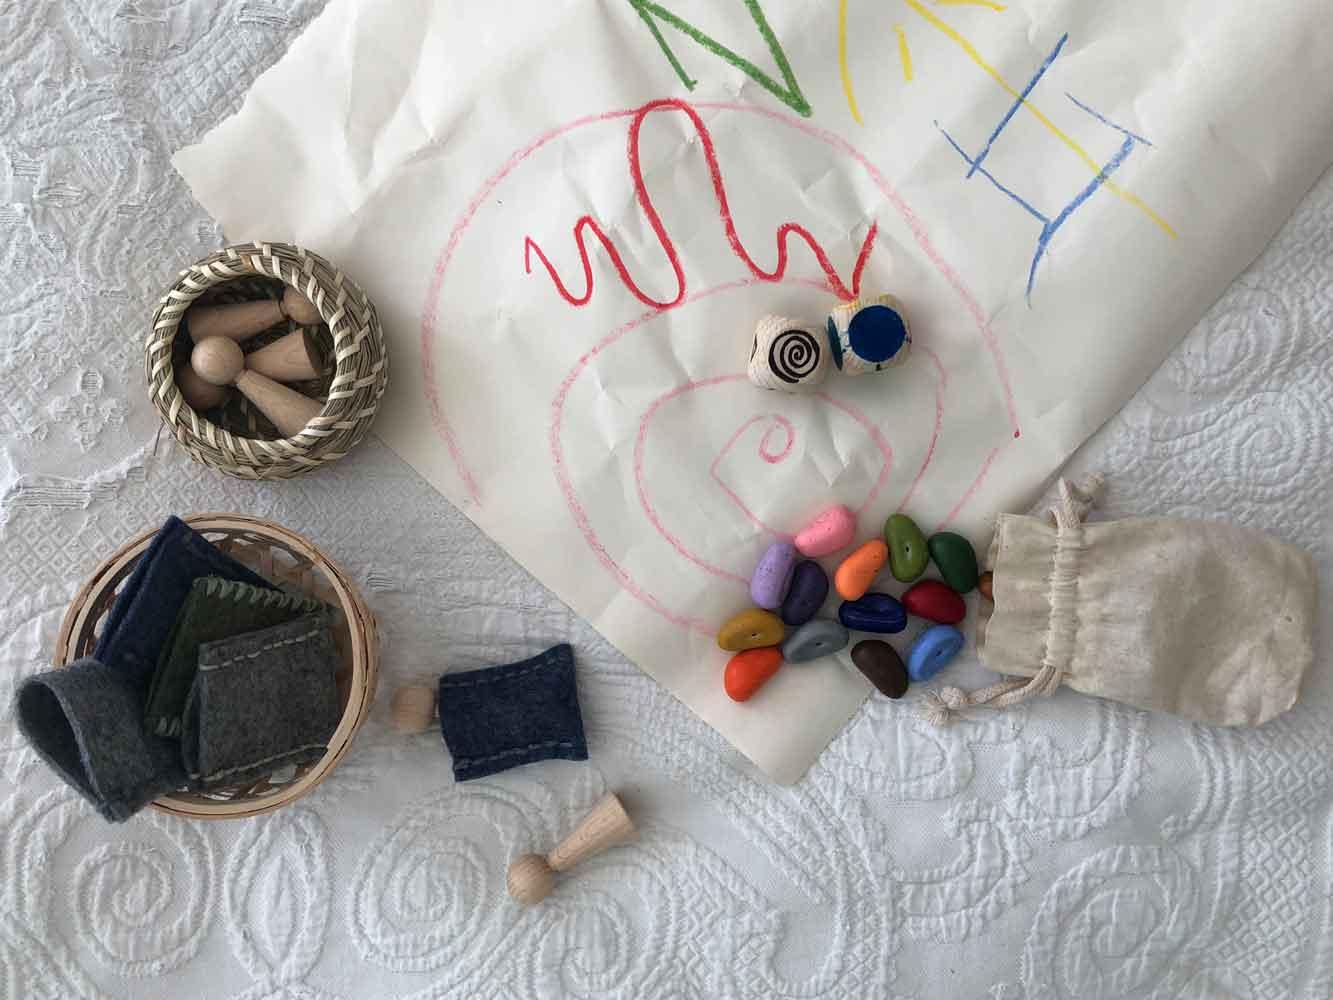 Holzwuerfel Figurenkegel motorisch Spiel Malen Farbenlehre - DIY | Geschicklichkeit & Malspaß - 2 kleine schnelle Spielideen für unterwegs